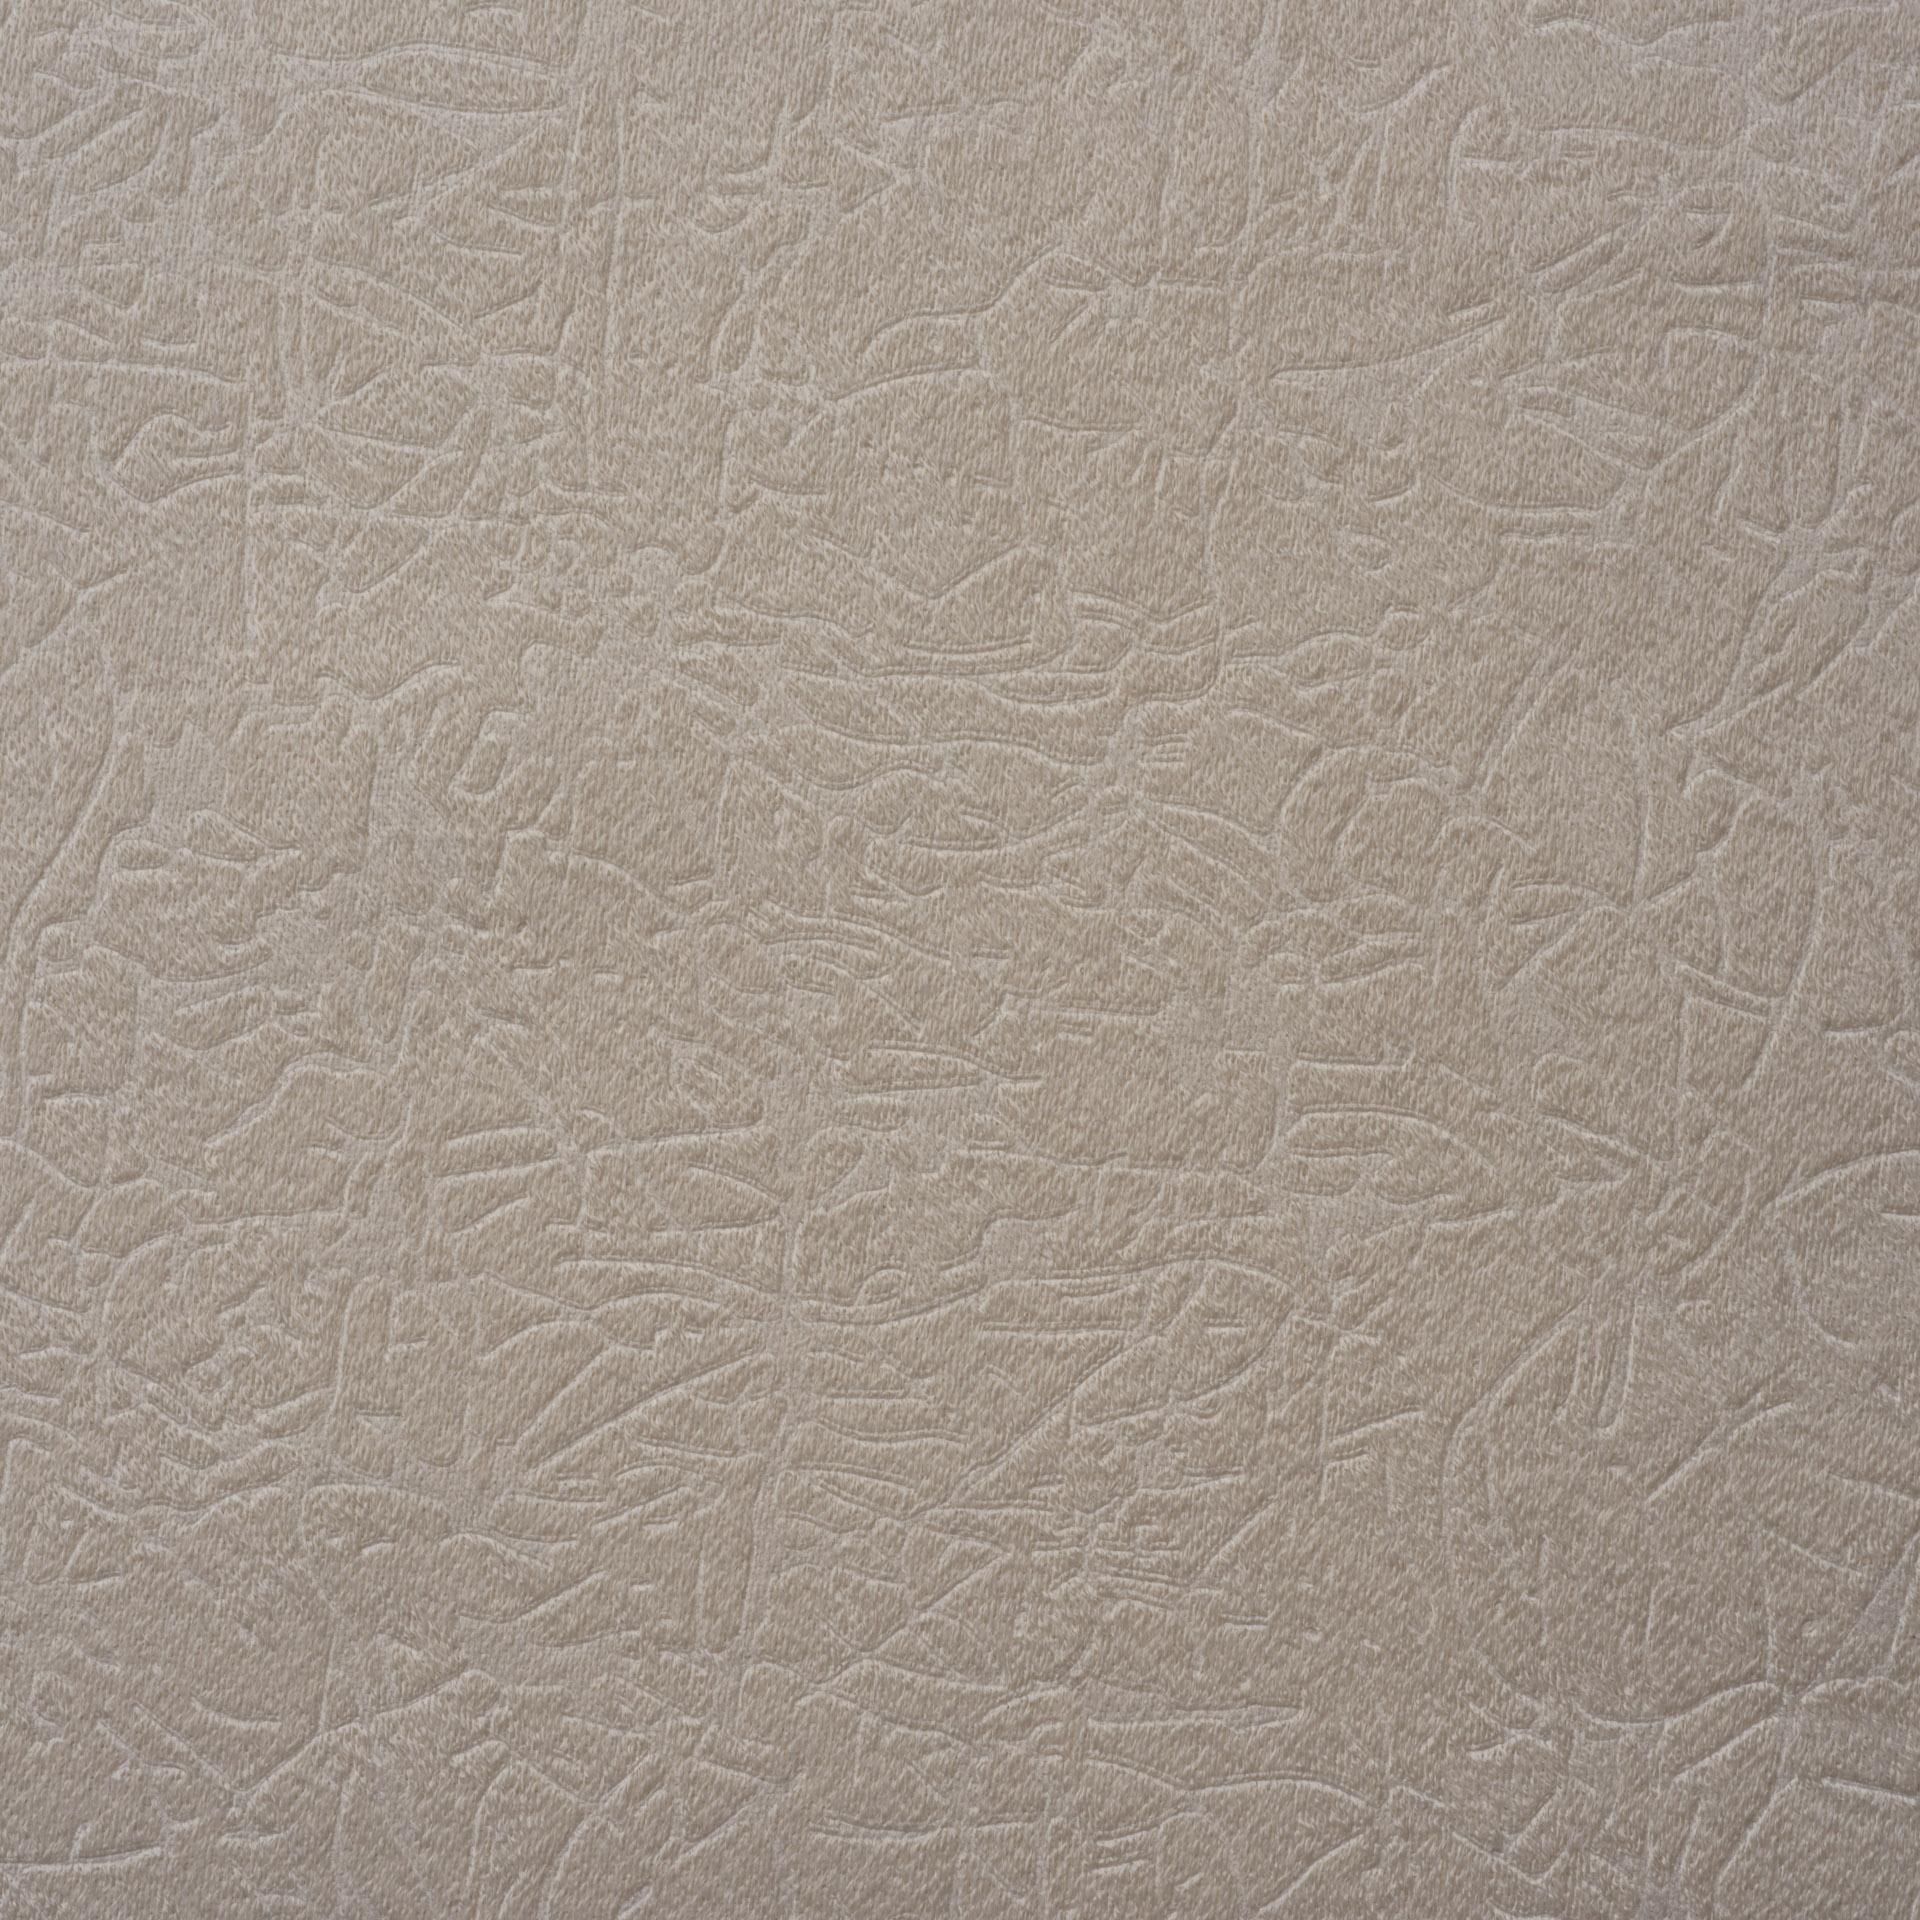 Коллекция ткани Пленет 10 VANILLA,  купить ткань Велюр для мебели Украина